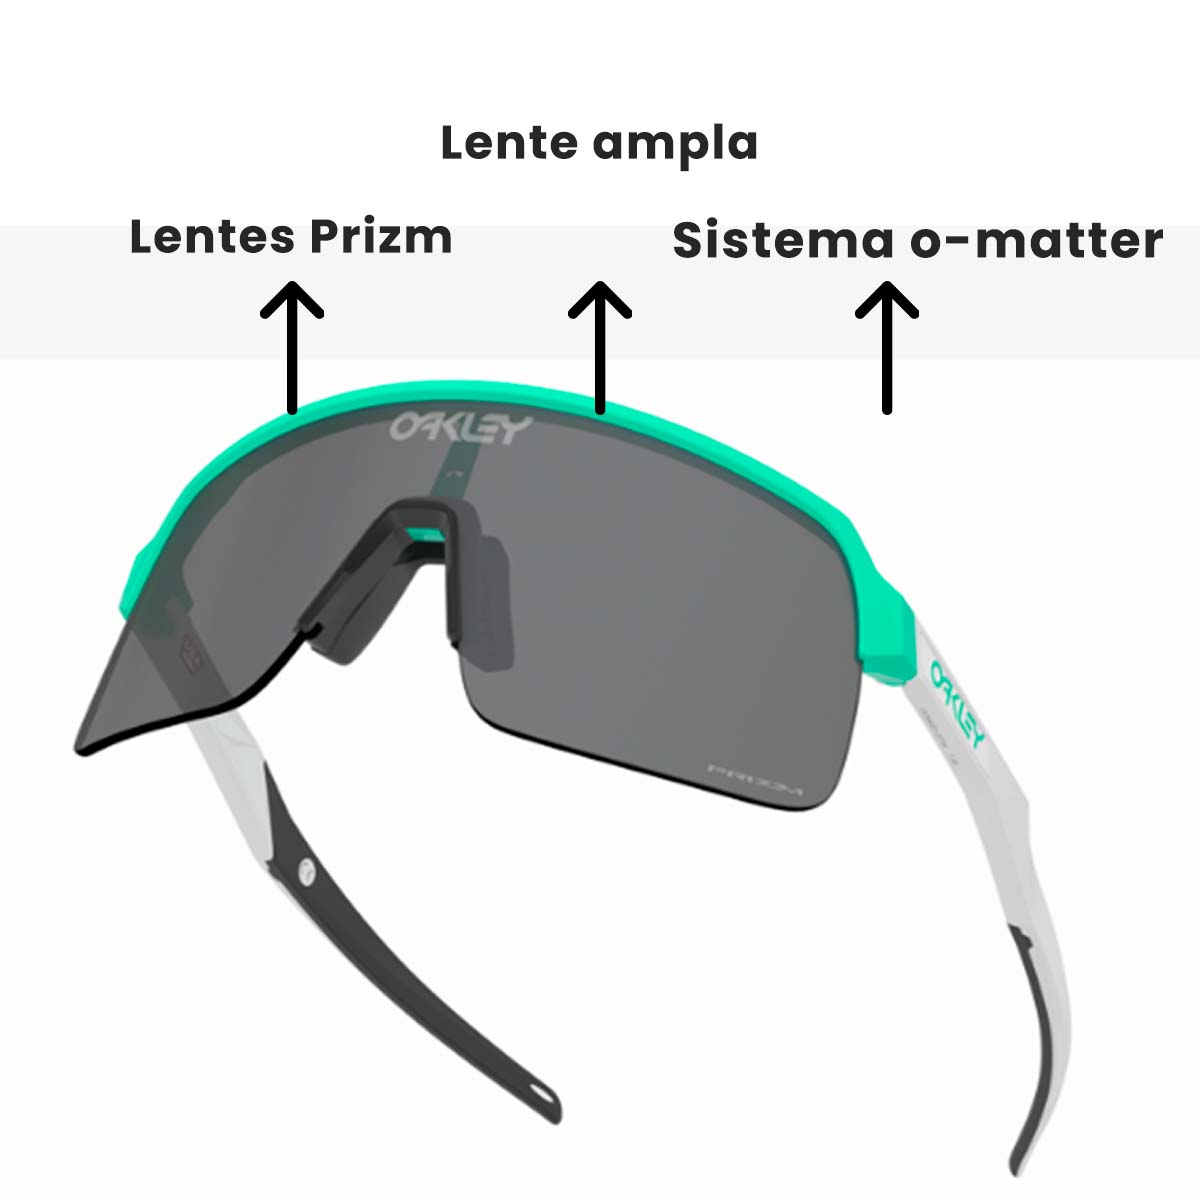 Oculos Para Ciclismo Oakley Sutro Lite Celeste Fosco com Lente Prizm Black Escura